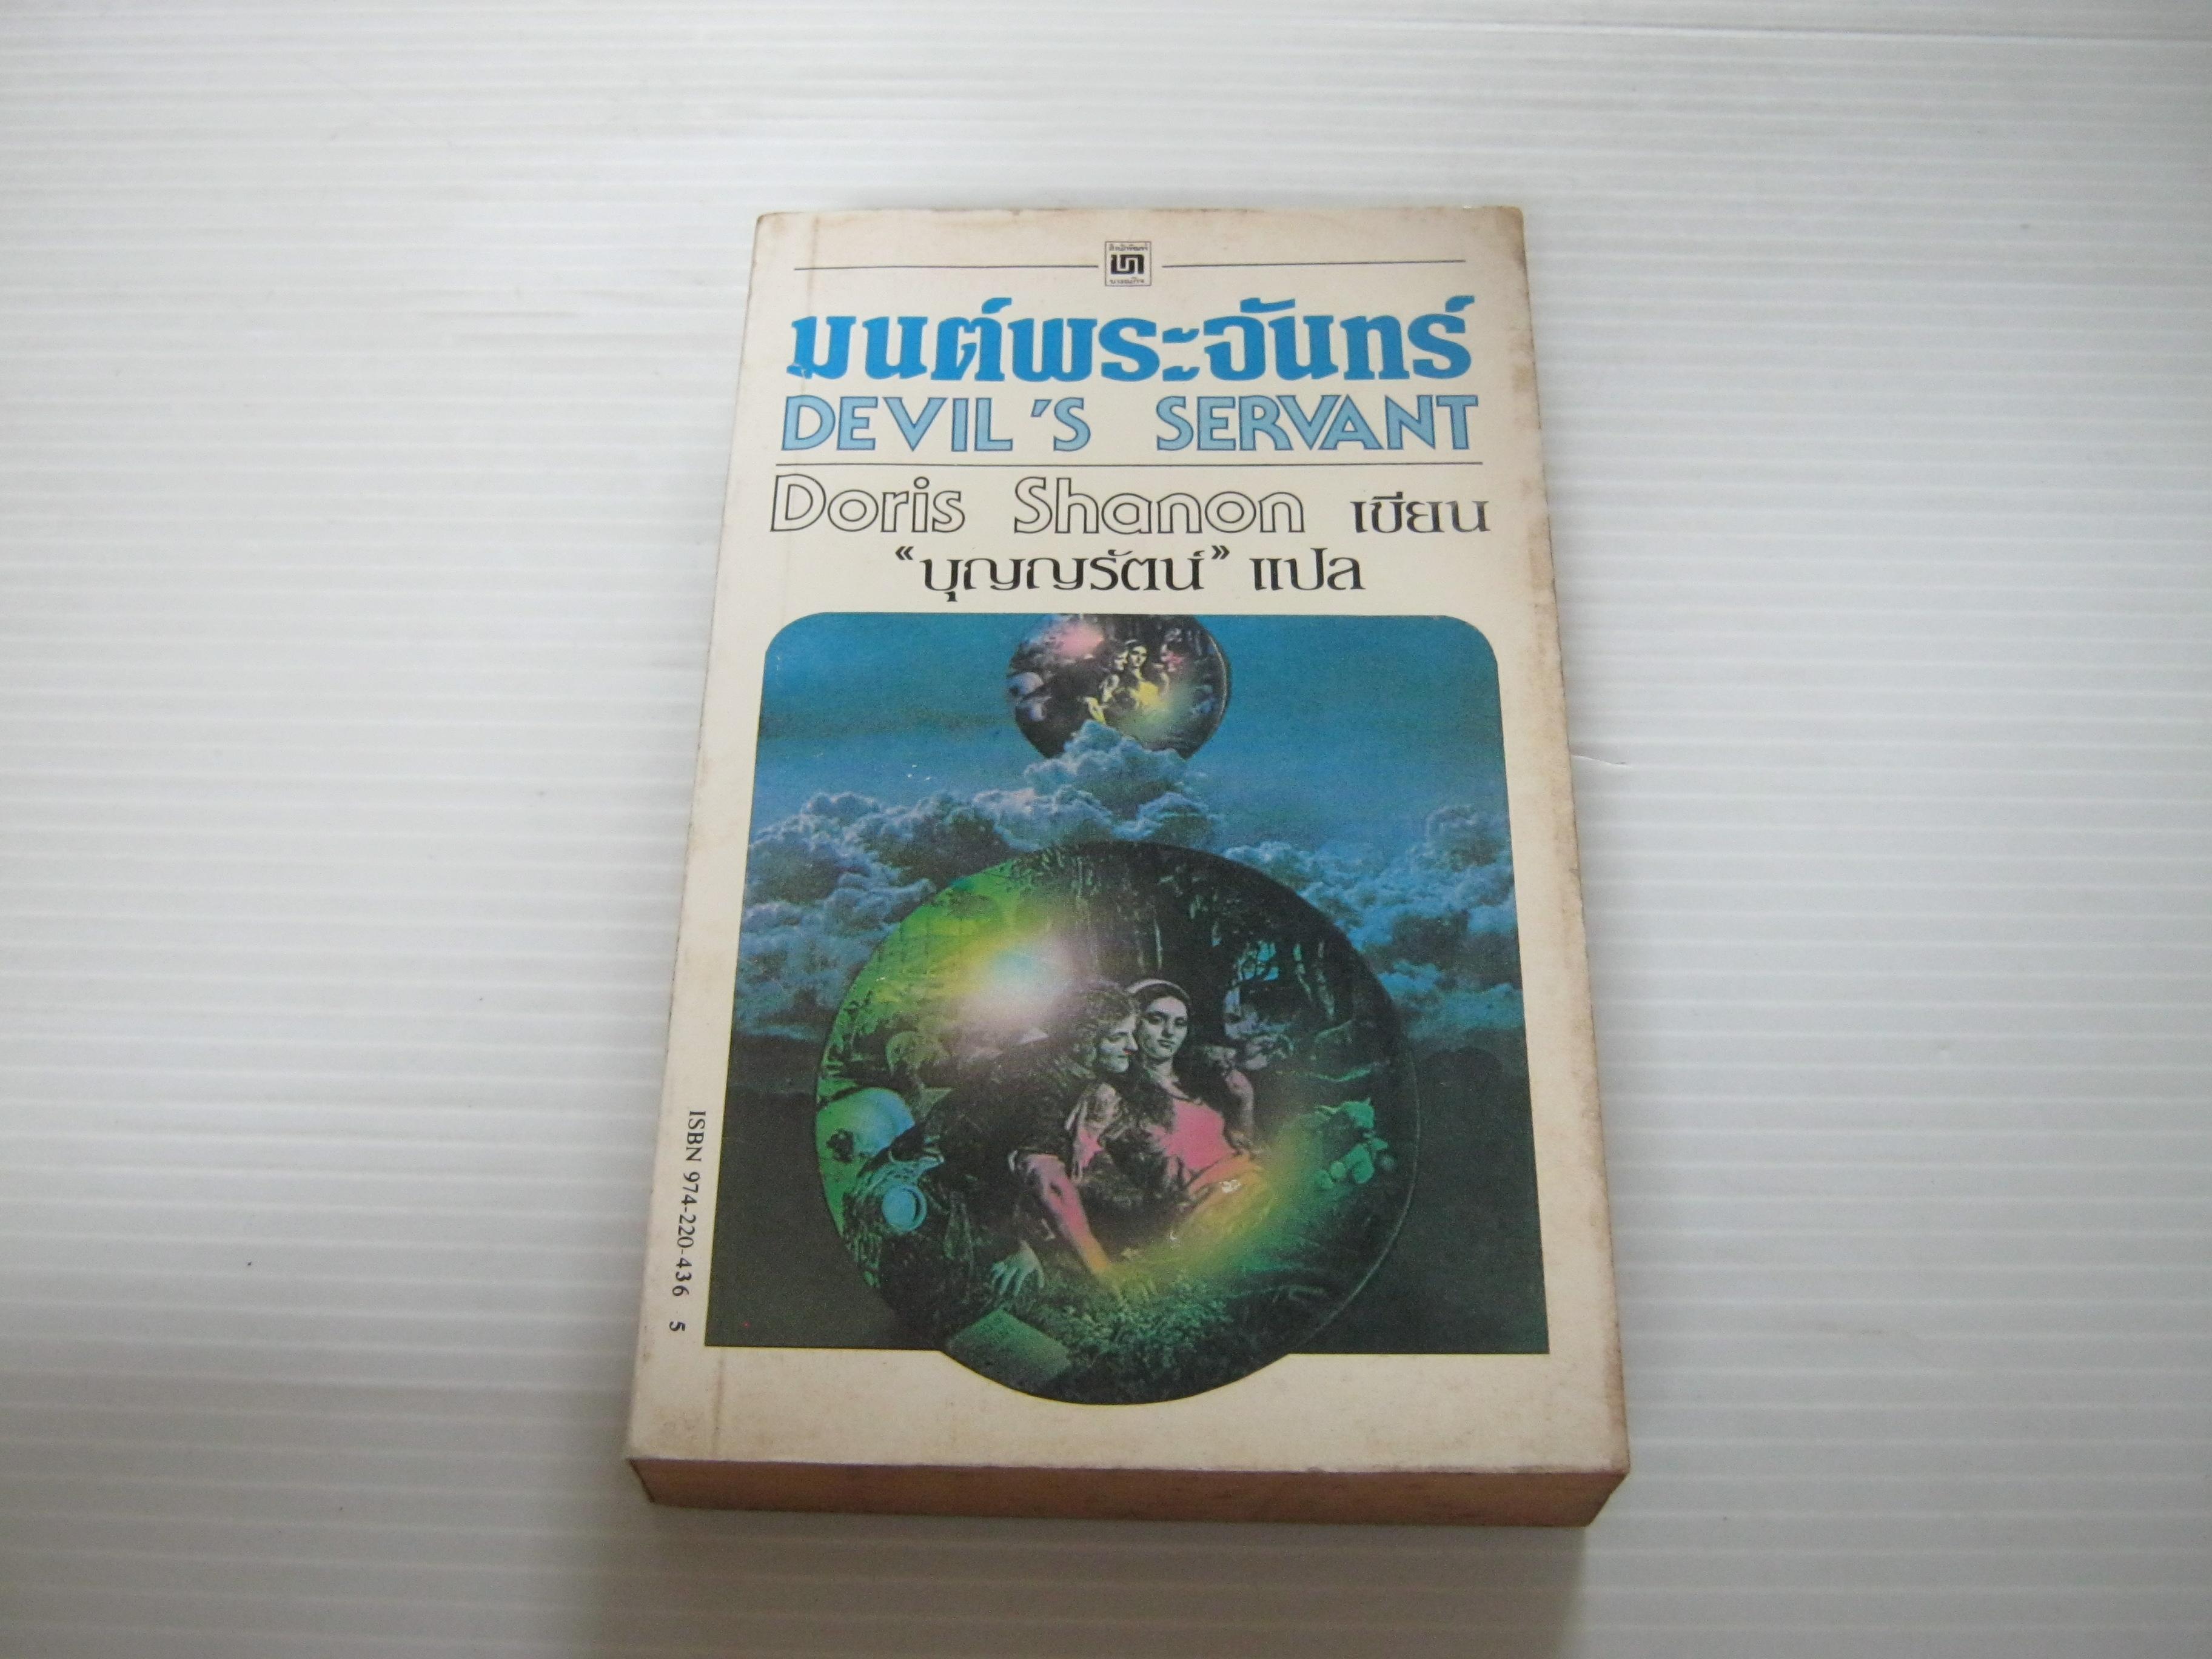 มนต์พระจันทร์ (Devil's Servant) Doris Shanon เขียน บุญญรัตน์ แปล